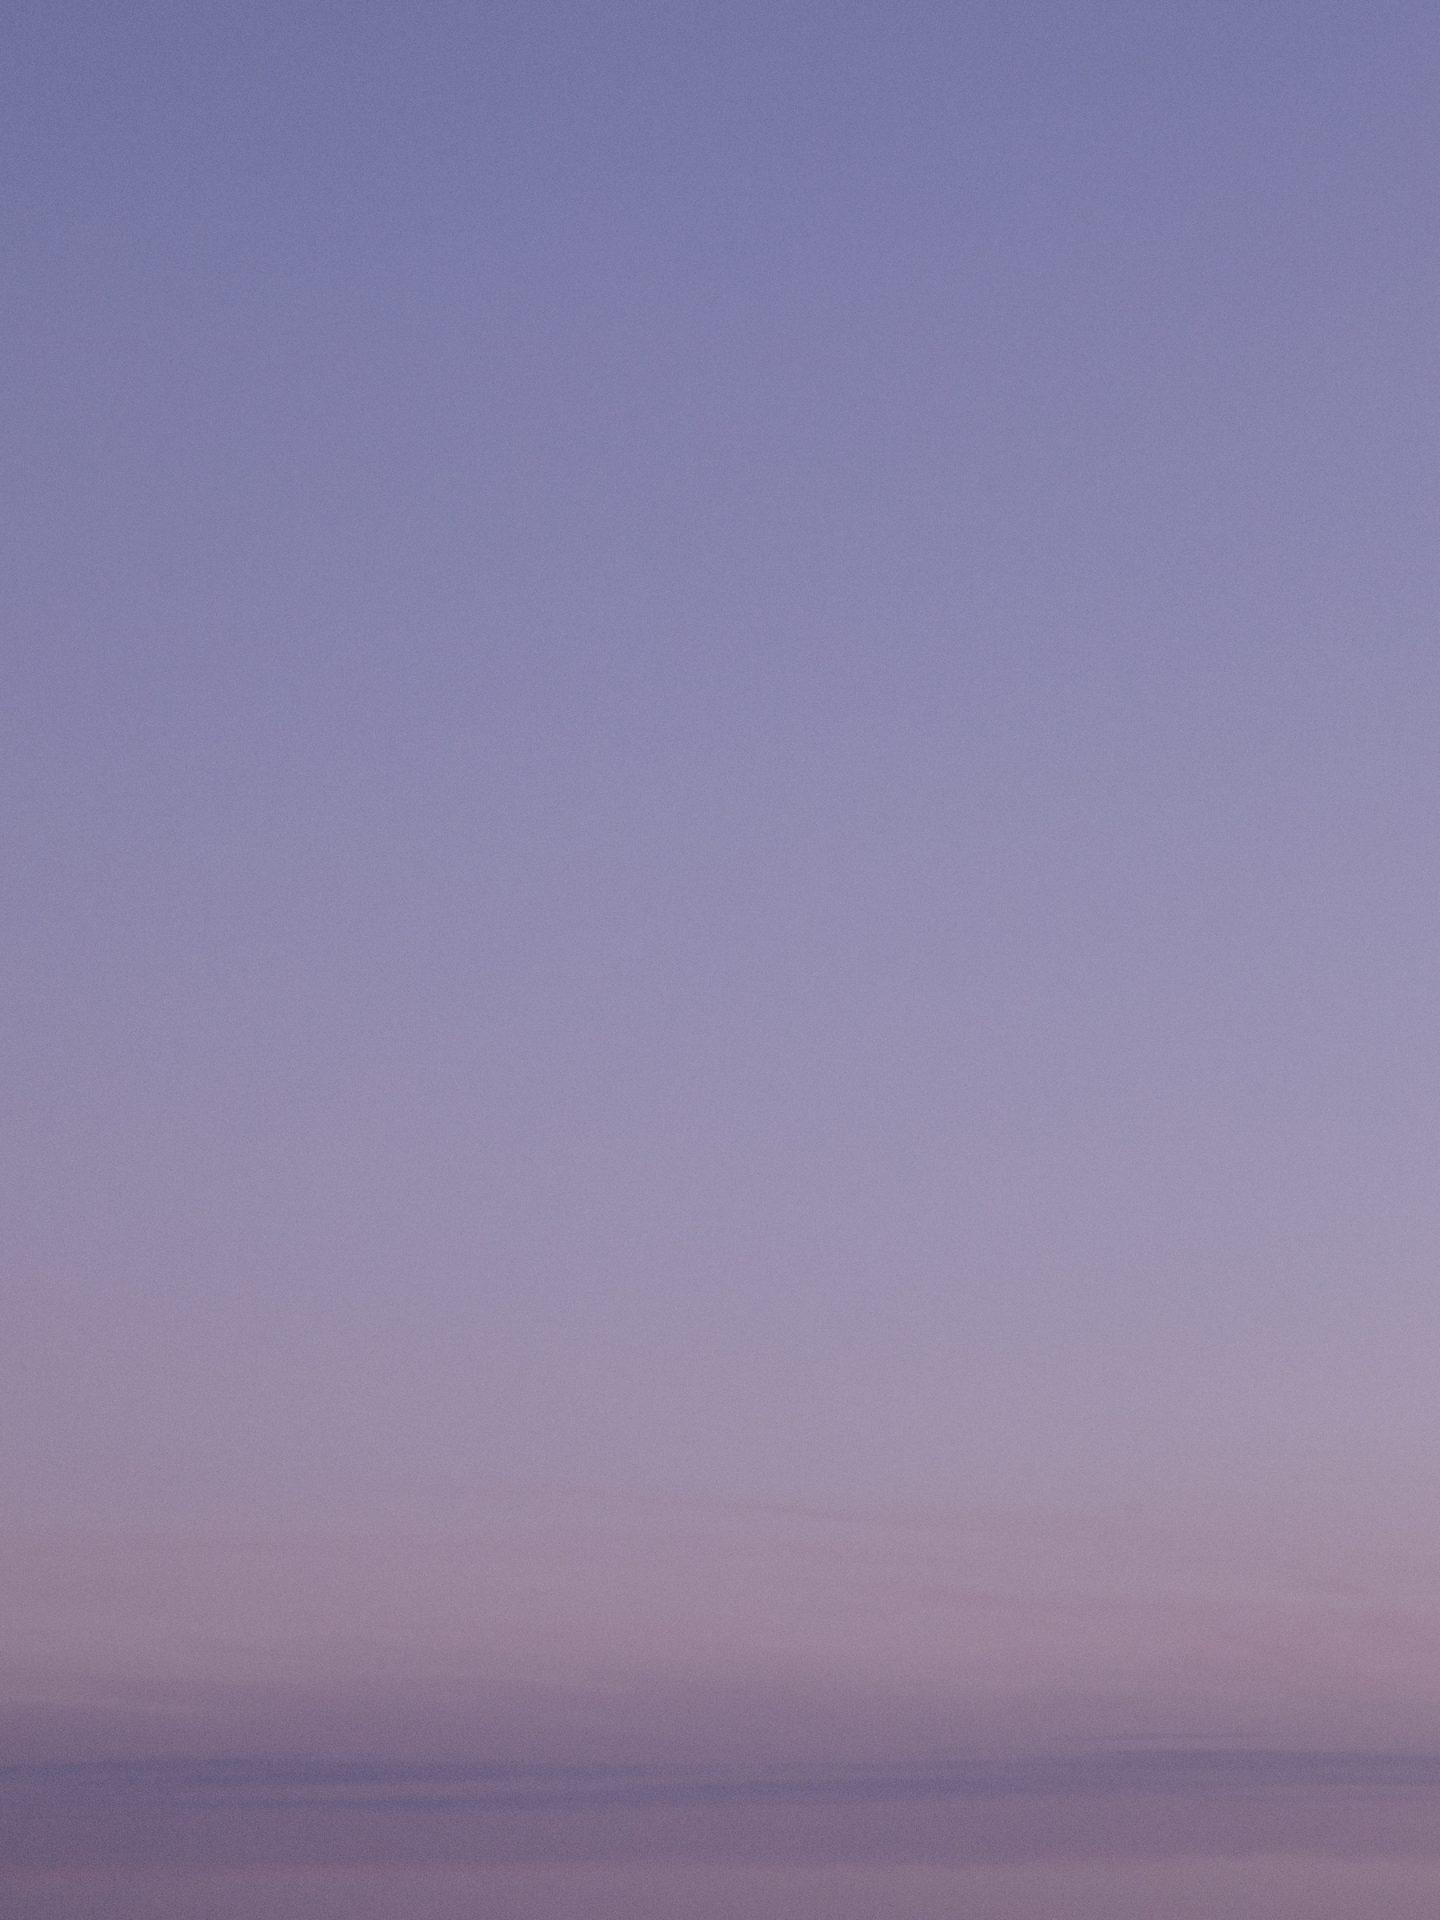 IGNANT-Photography-Landon-Speers-Nova-Scotia-023